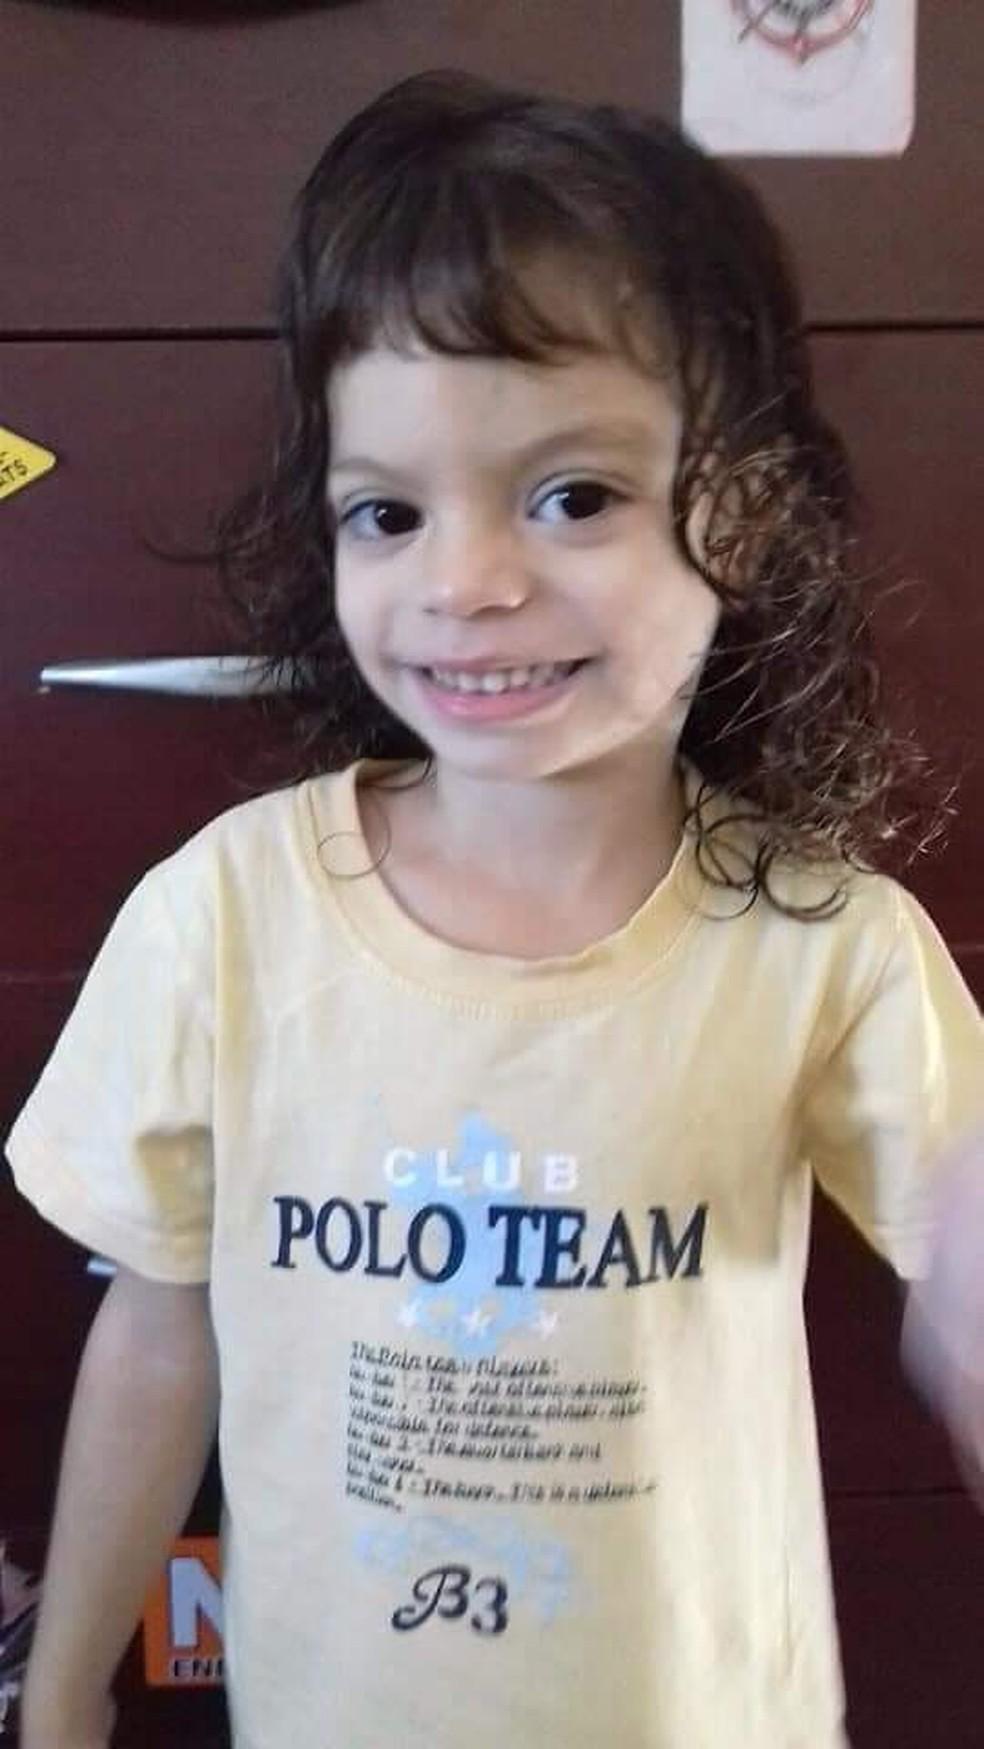 Giovana Guedes Martins, de 4 anos, teve uma parada cardiorrespiratória e não resistiu — Foto: Arquivo Pessoal